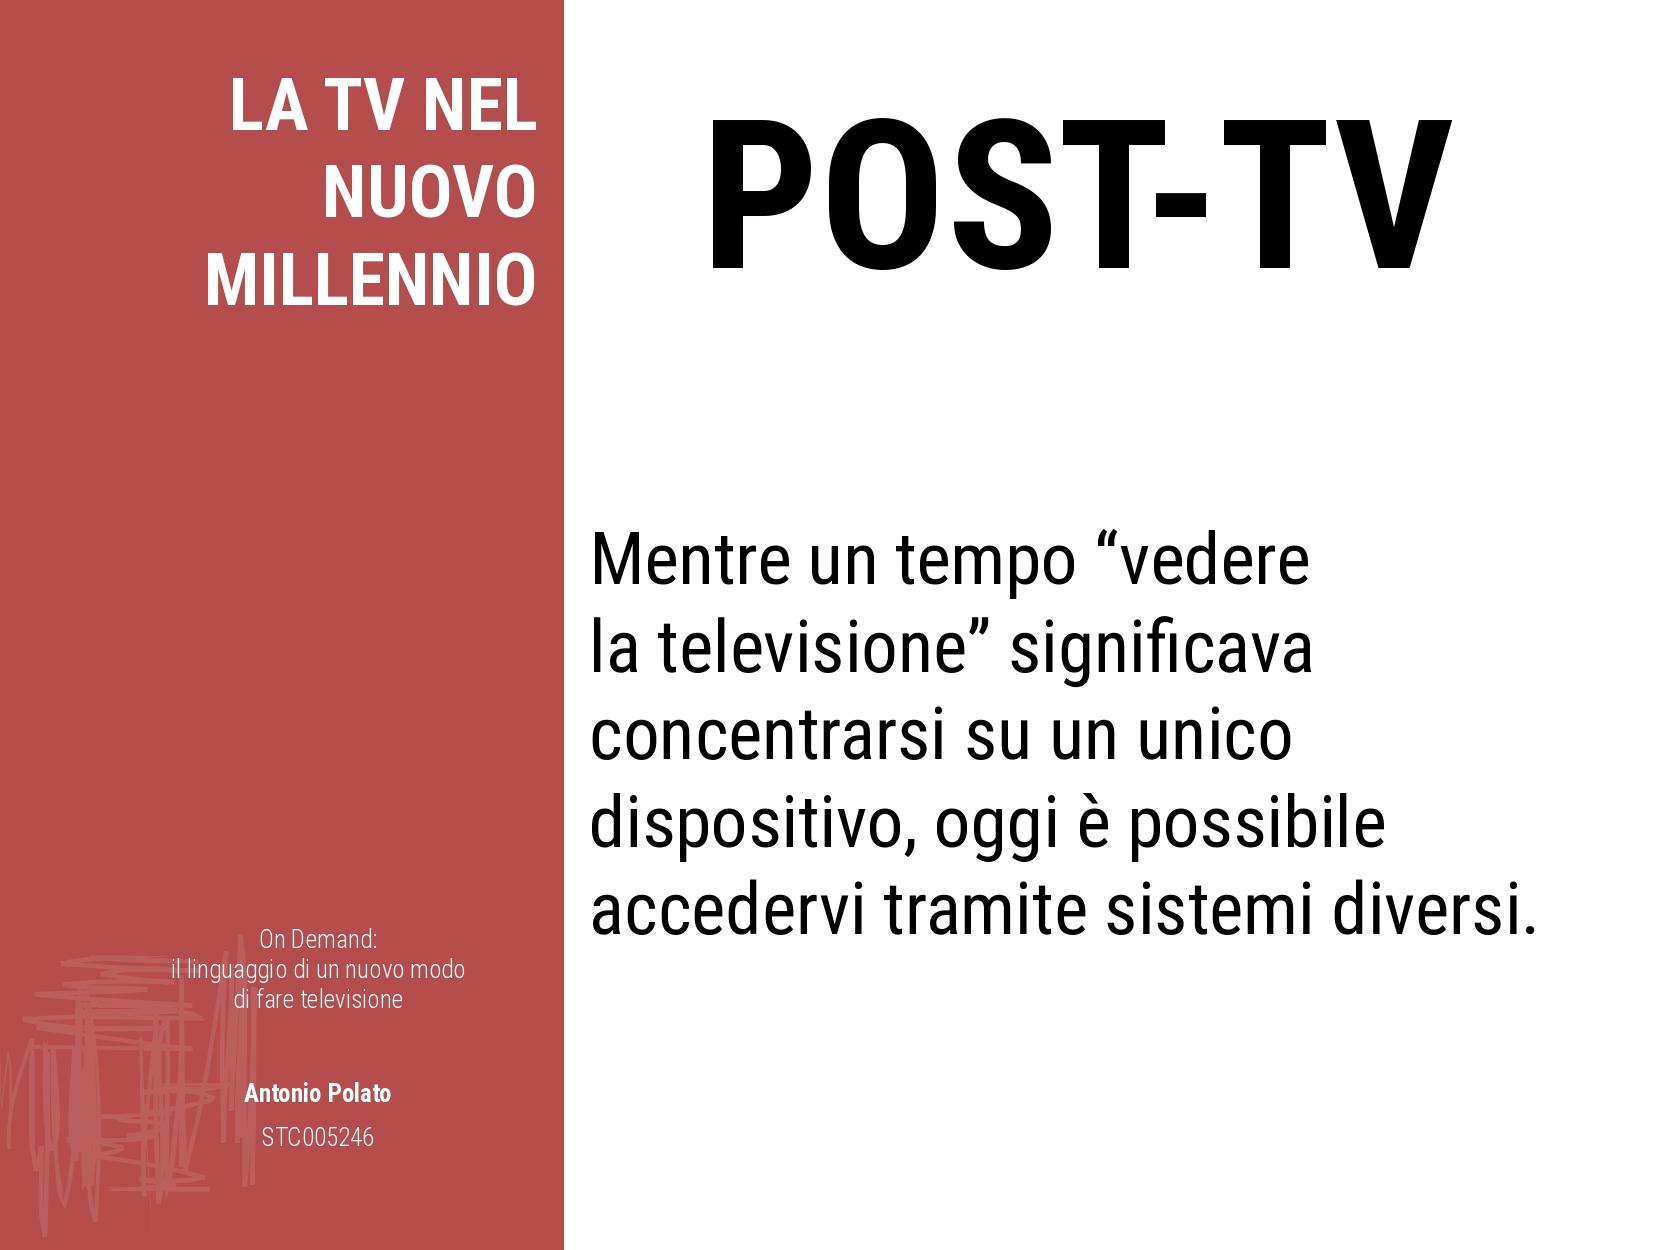 On demand il linguaggio di un nuovo modo di fare la televisione Antonio Polato post tv